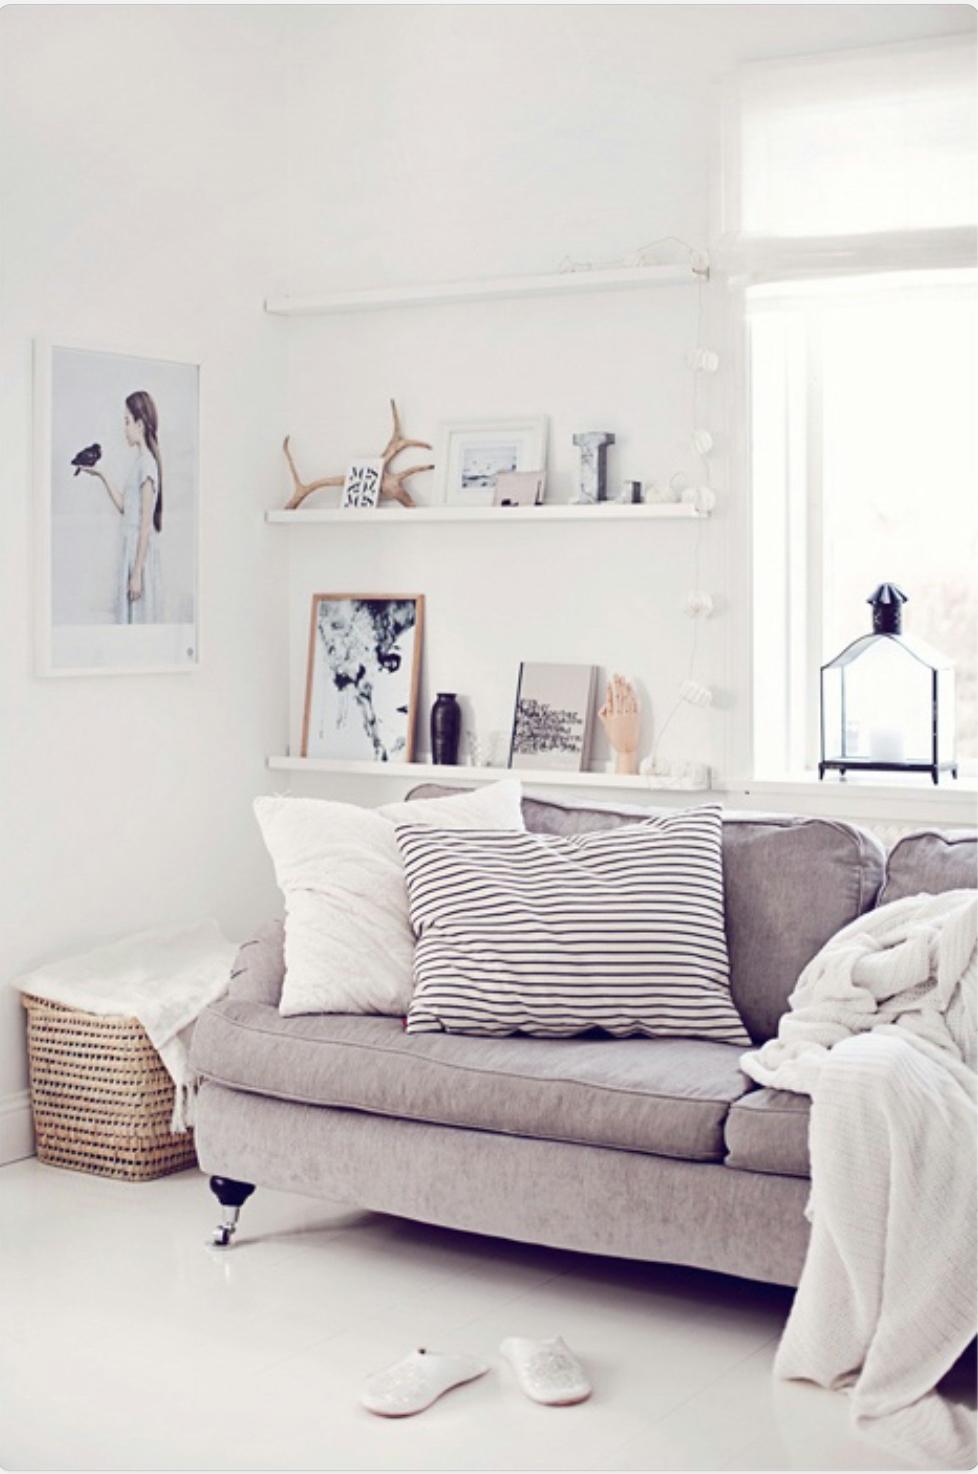 Arredare in stile nordico idee e consigli - Casa stile nordico ...